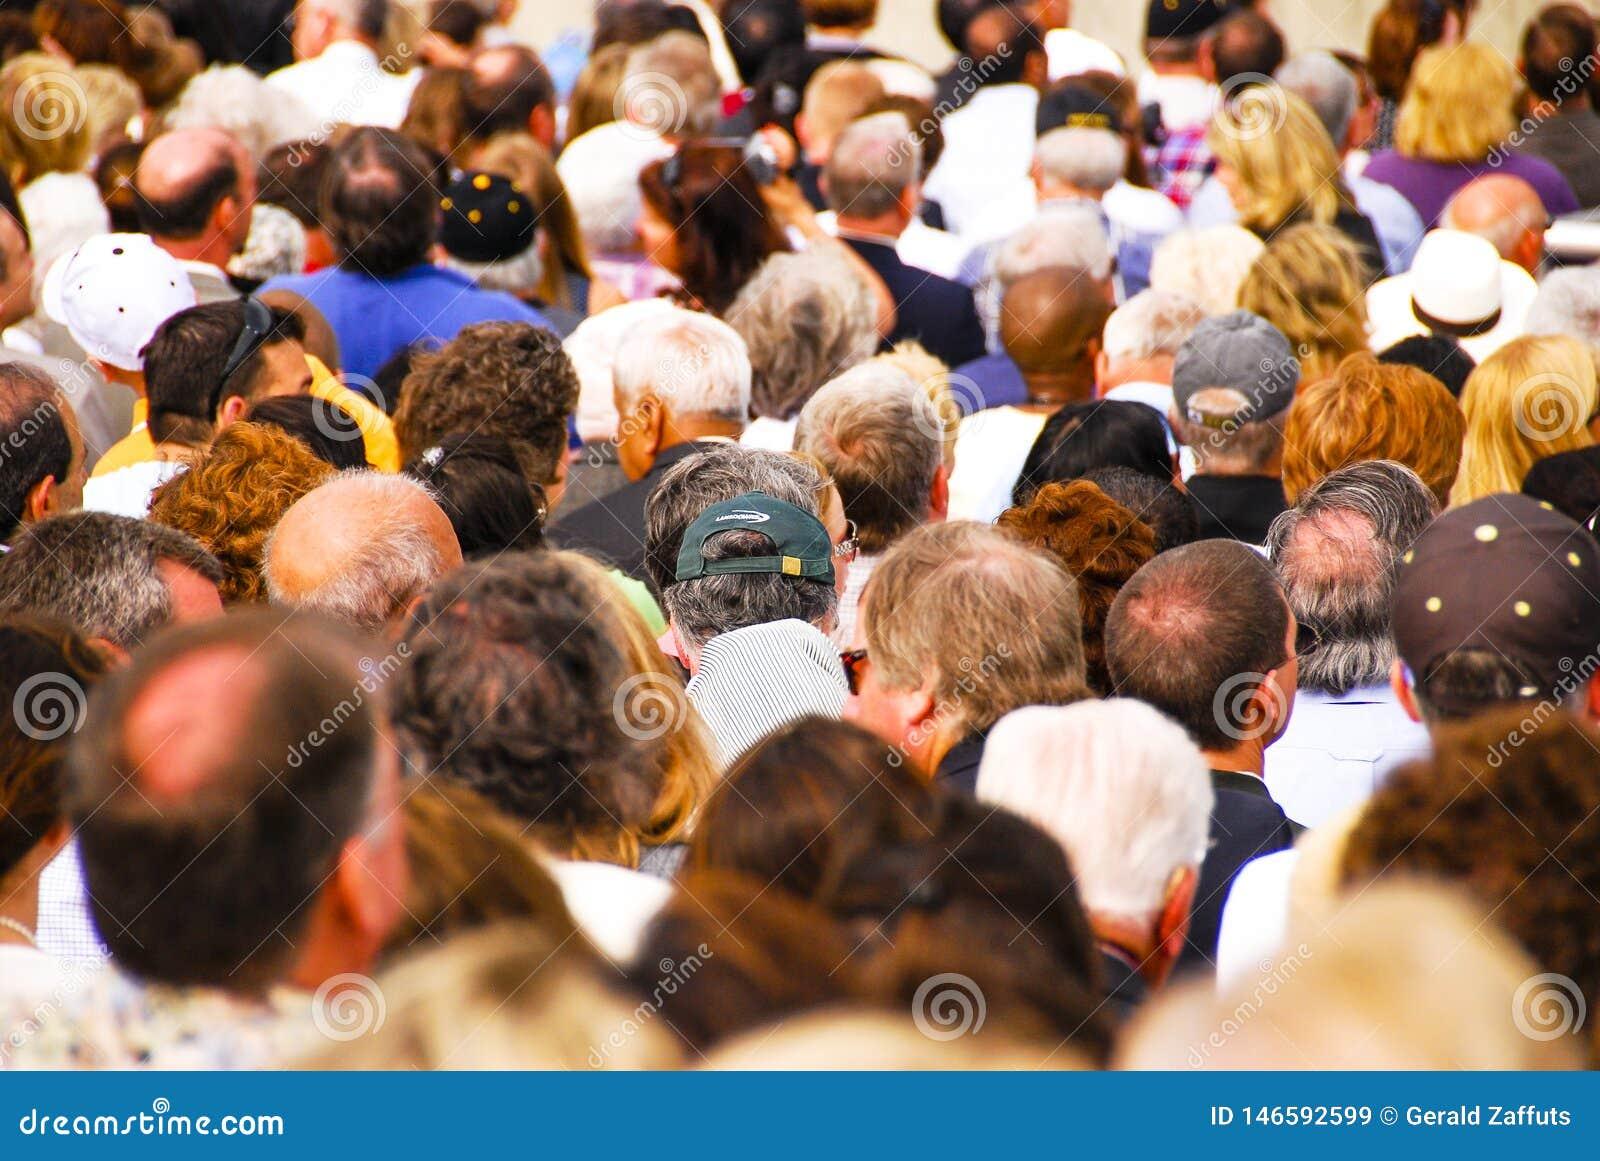 Nowy Jork, Maj - 31, 2008: wielki tłum ludzie opuszcza stadium